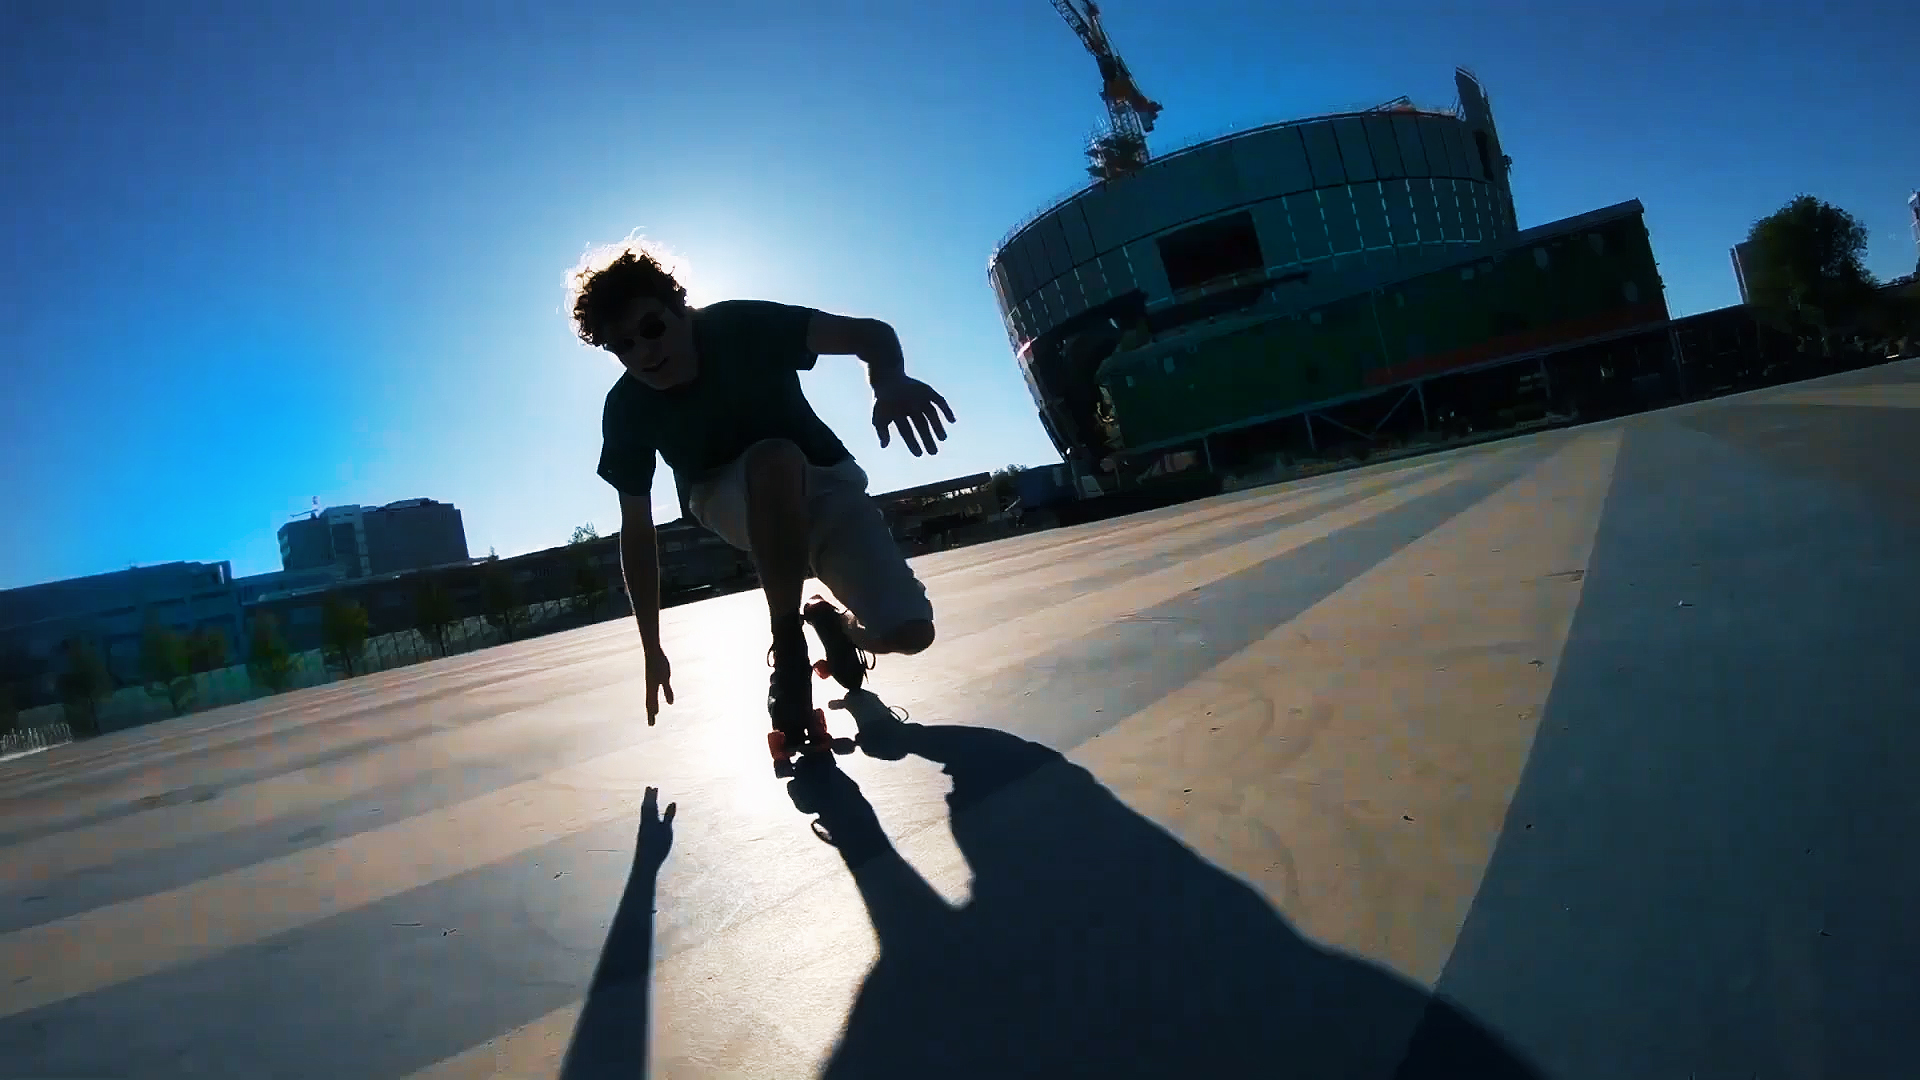 Stijn-Goossens-Gostijn-Stijngoossens-Foto-3D-Animator-Animatie-Animation-Motioncapture-Motion-capture-mocap-VJ-visual-jockey-visualjockey-dans-dansen-danser-rolschaatsen-rolschaatser